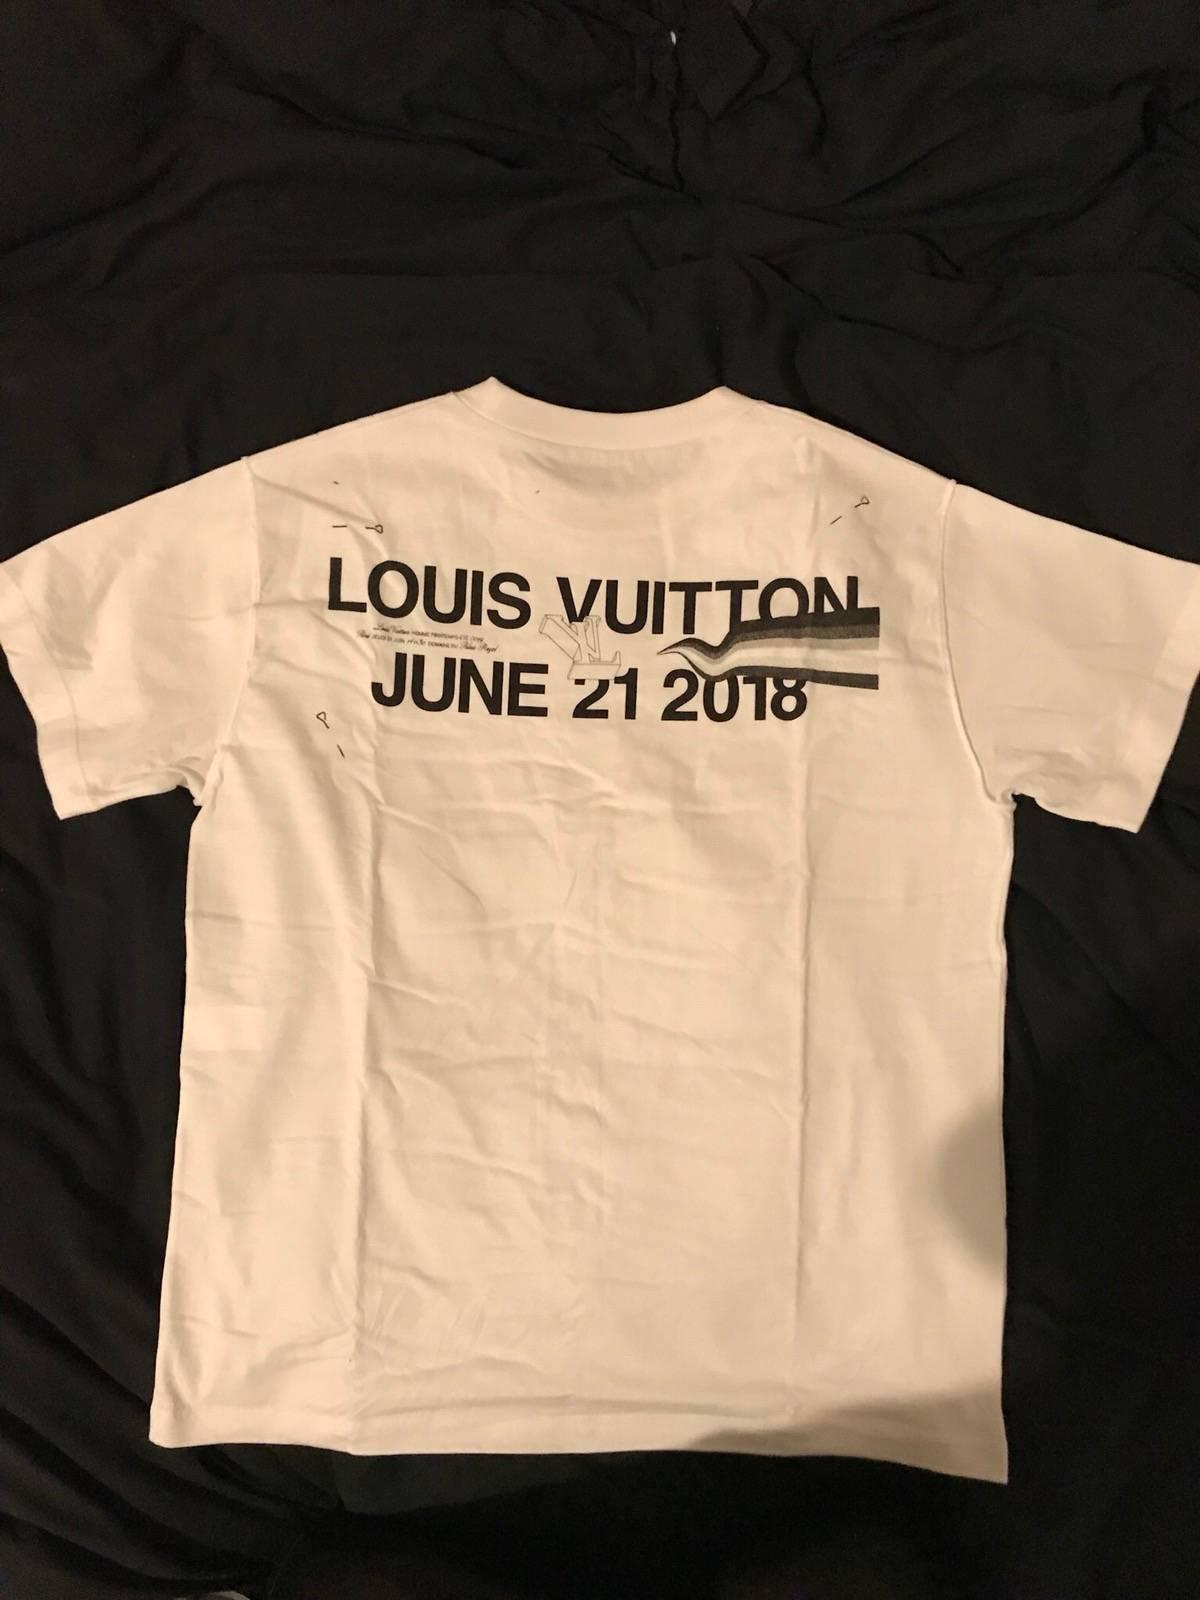 Louis Vuitton Virgil Abloh T Shirt For The Ss19 Louis Vuitton Mens